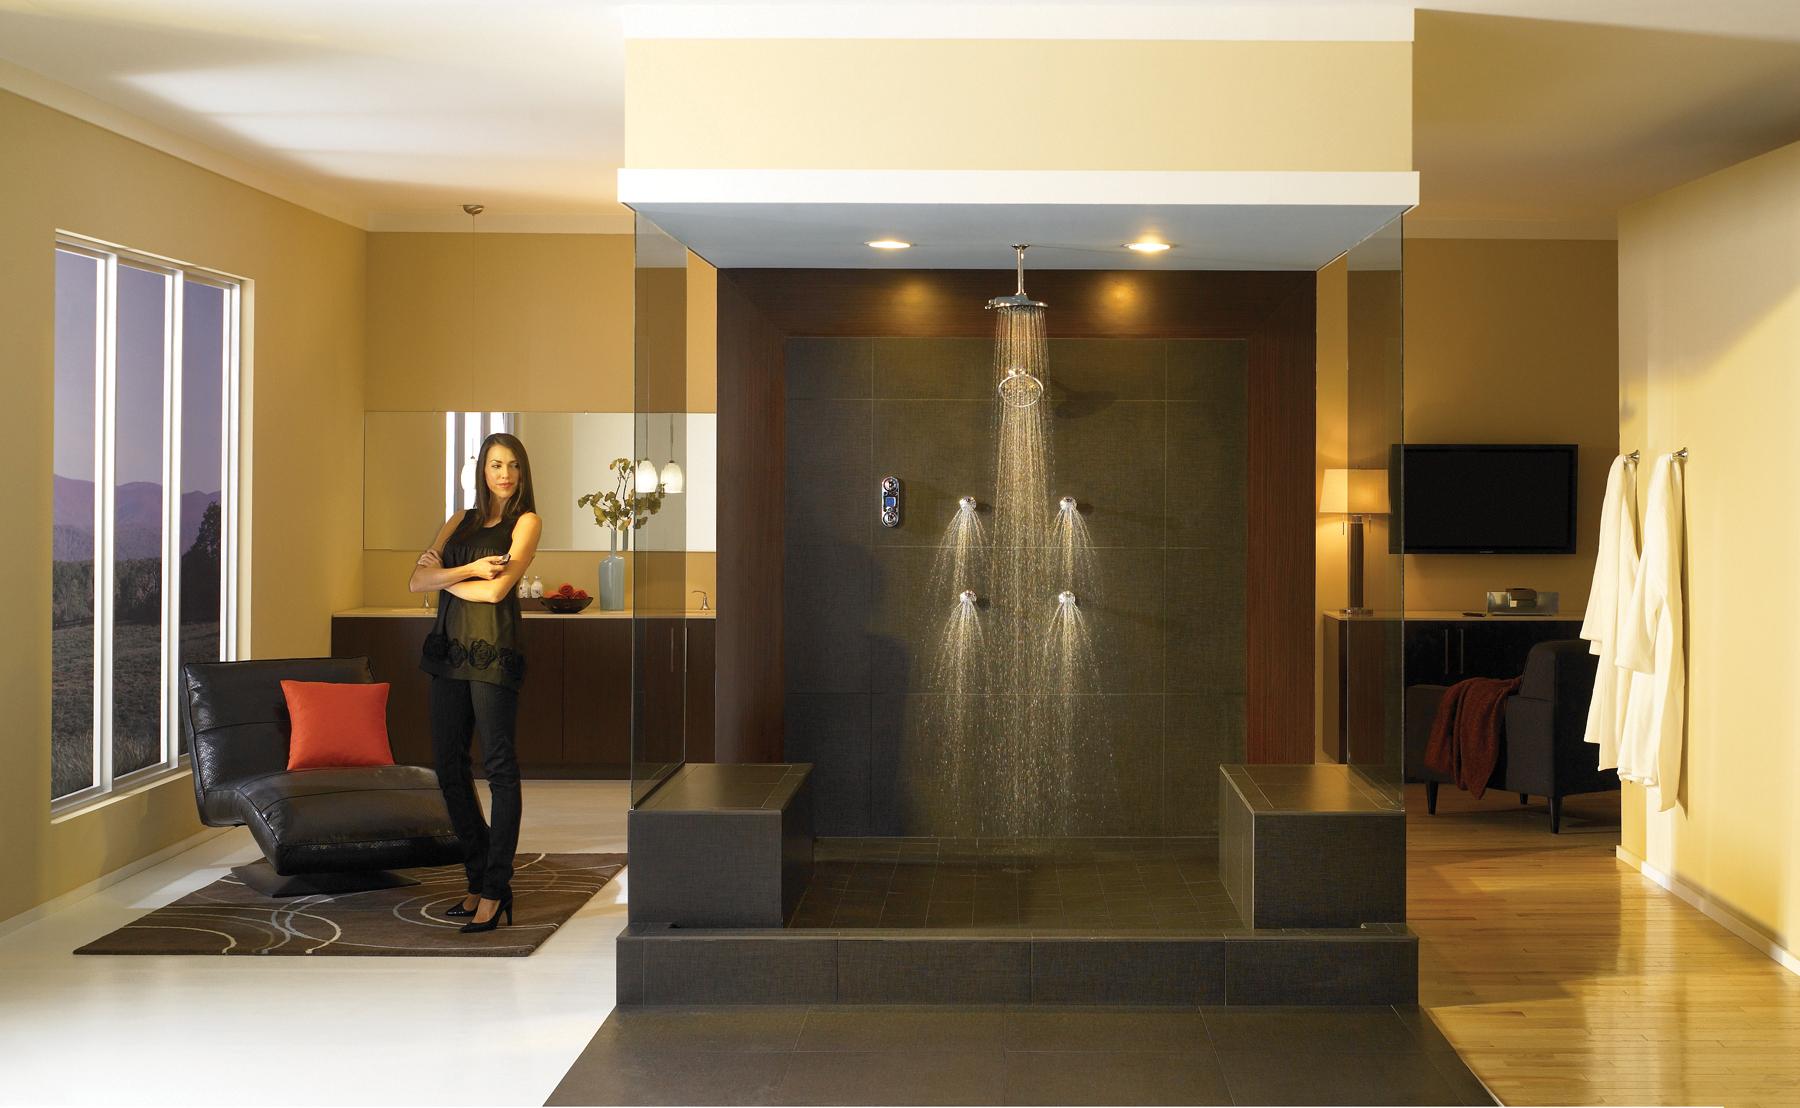 Une douche exceptionnelle pour une salle de bains - Douche high tech ...